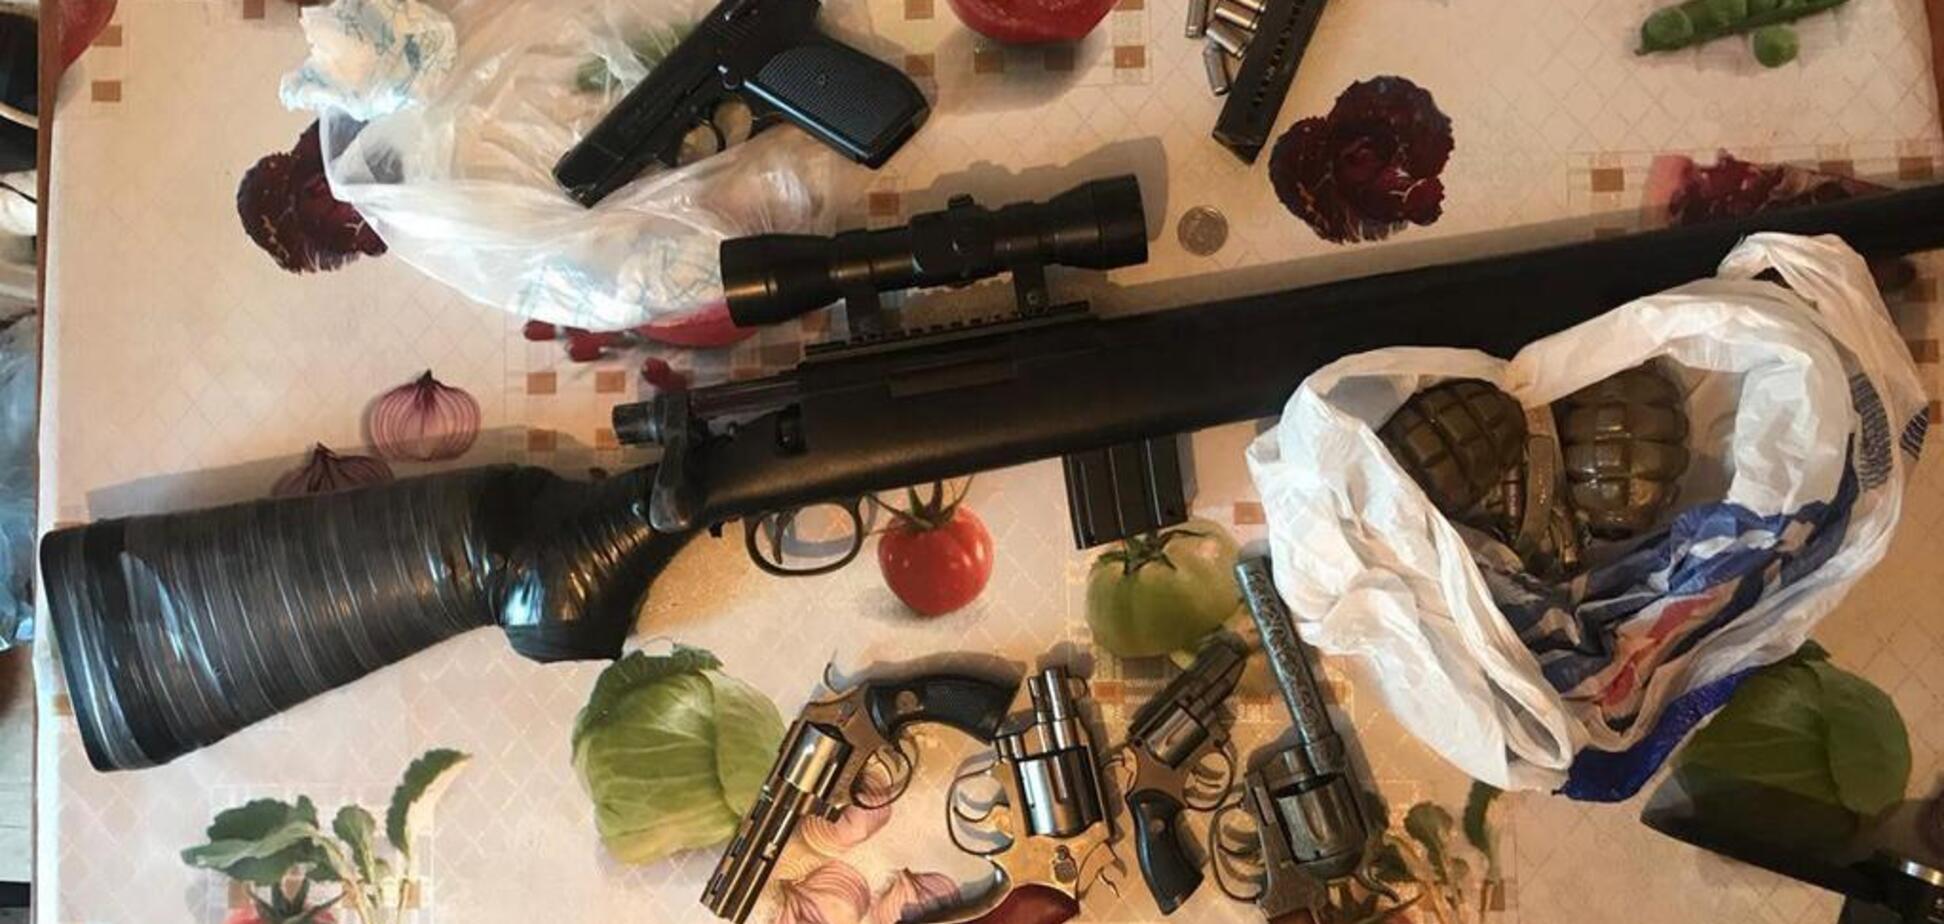 Полиция нашла арсенал: житель пригорода Днепра хранил дома огнестрел и взрывчатку